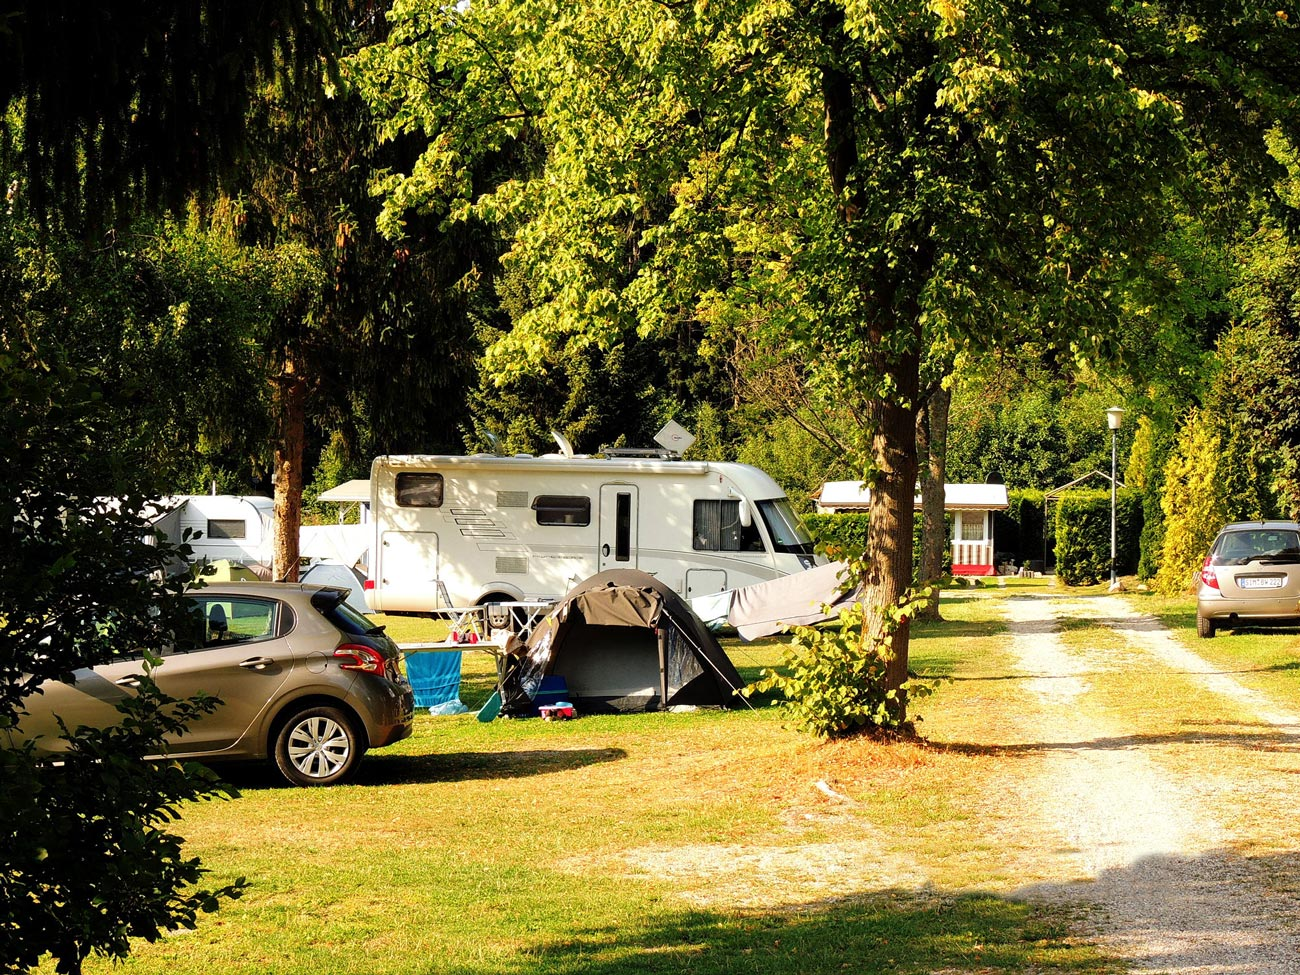 Was brauche ich alles fürs Camping? Unsere Camping-Checkliste hilft!